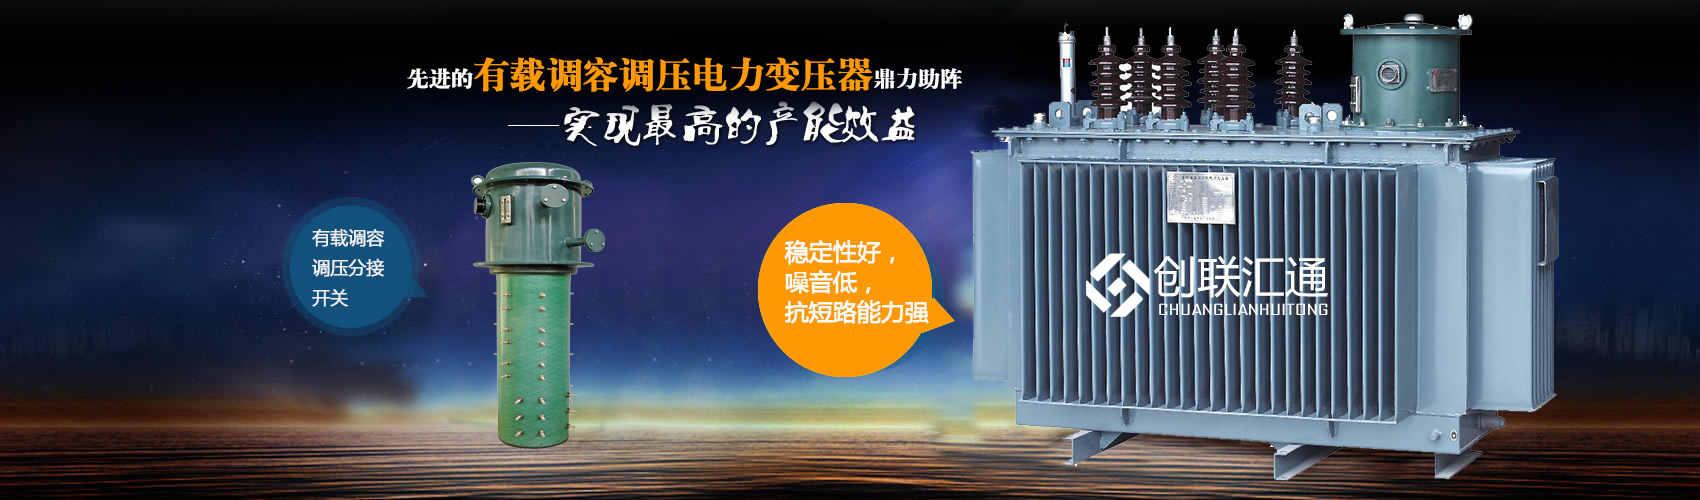 北京创联汇通变压器厂家专业从事生产销售干式变压器,箱式变电站,三相变压器,油浸式变压器等各种高效节能变压器产品,性能稳定,经久耐用,全国销量遥遥领先。